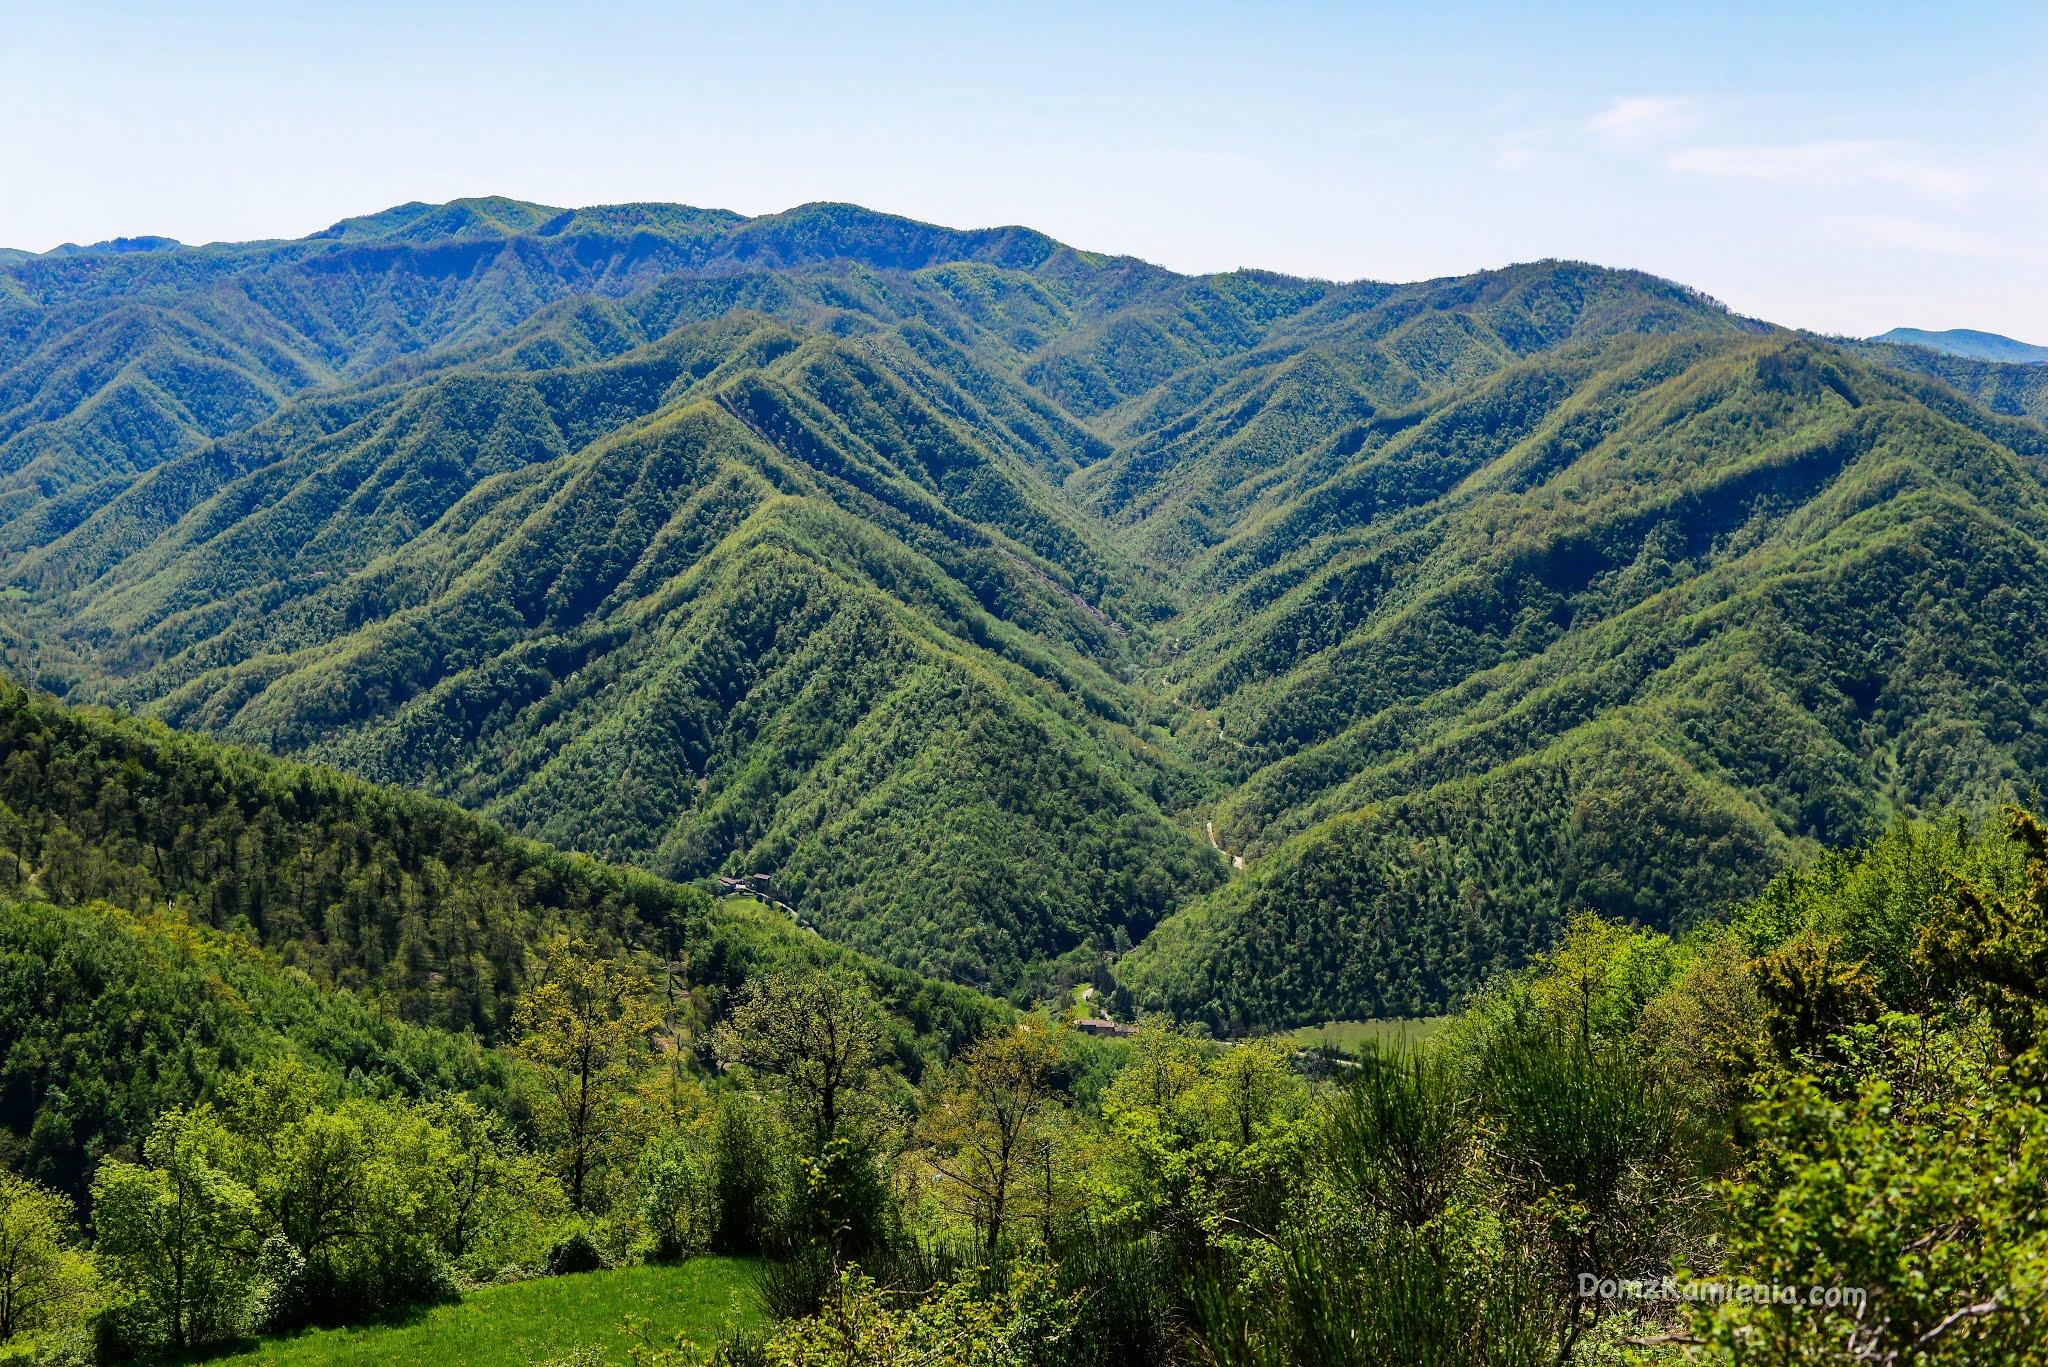 Biforco, trekking w Toskanii, Dom z Kamienia